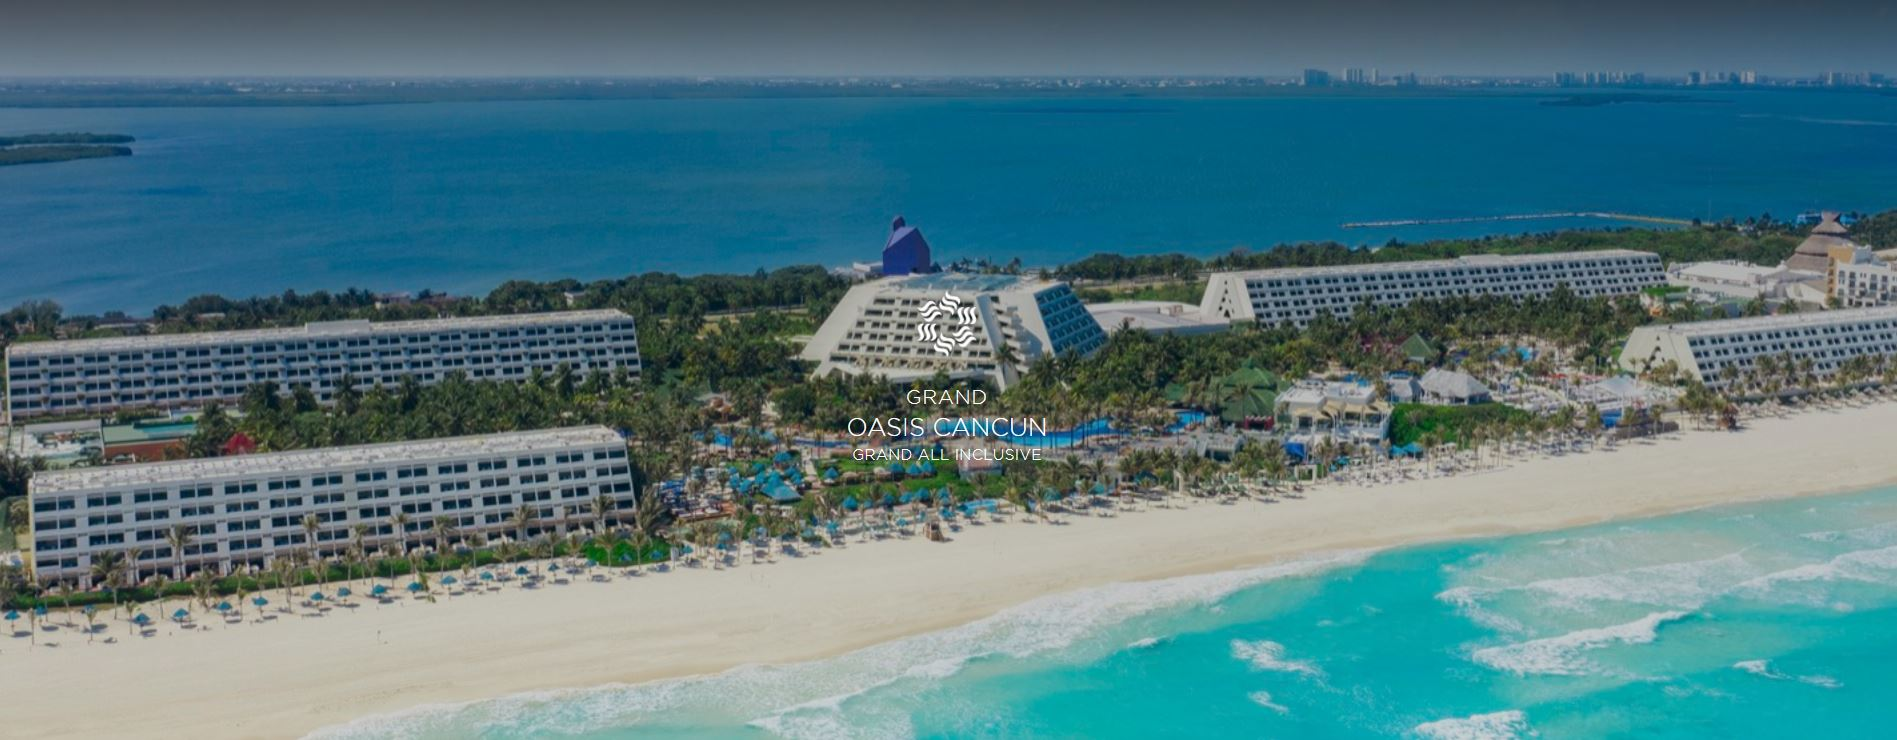 Hotel Grand Oasis Cancun Todo Incluido Riviera Maya Oferta Vacaciones Singles